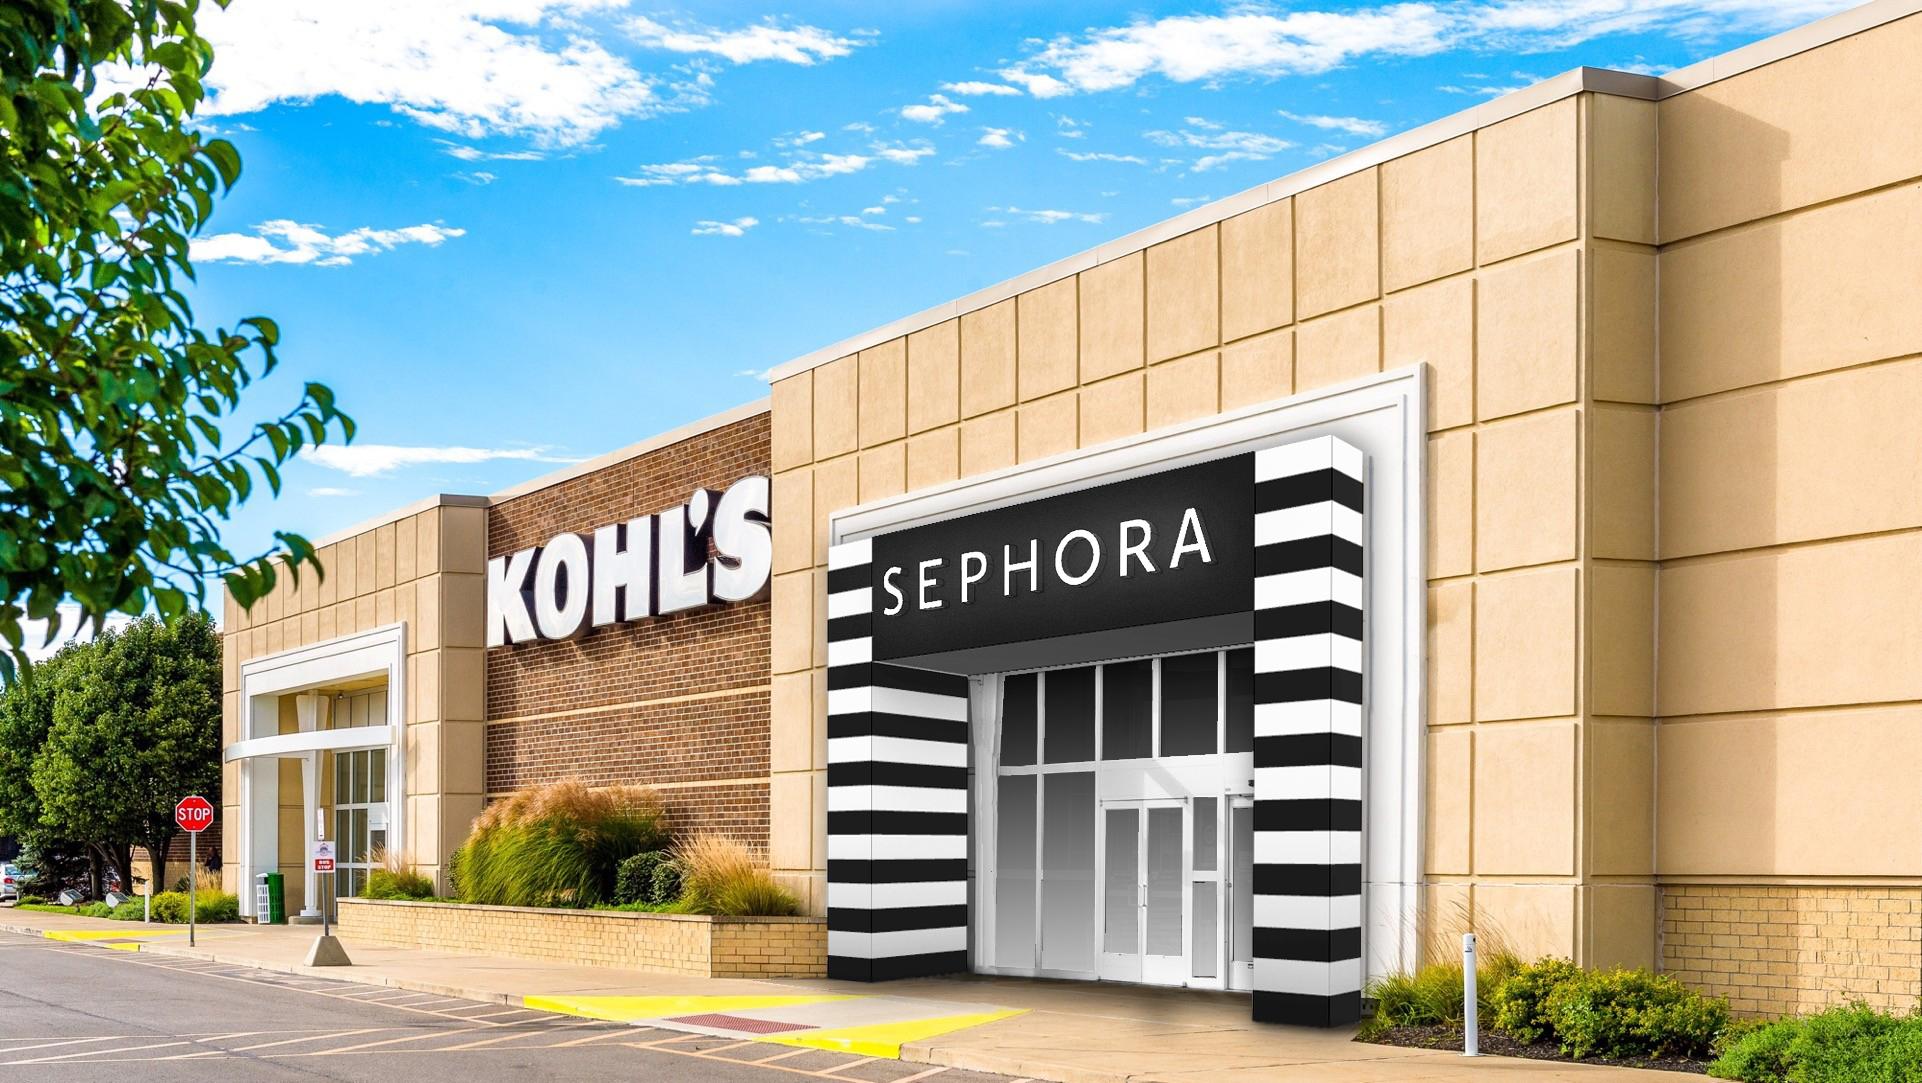 Sephora-Kohls